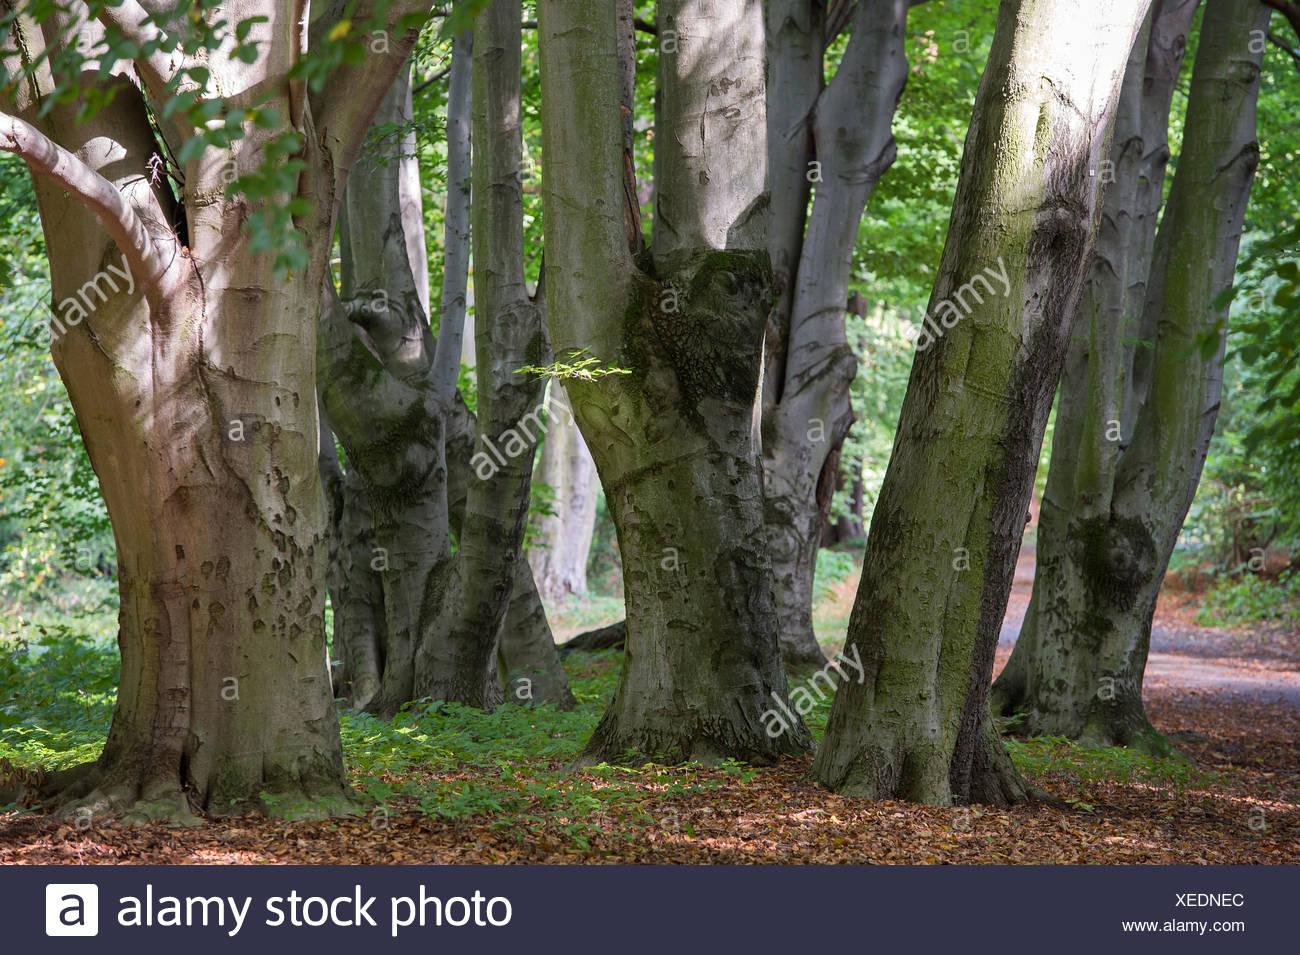 Berlin, Germany, in the trees Volkspark Rehberge - Stock Image